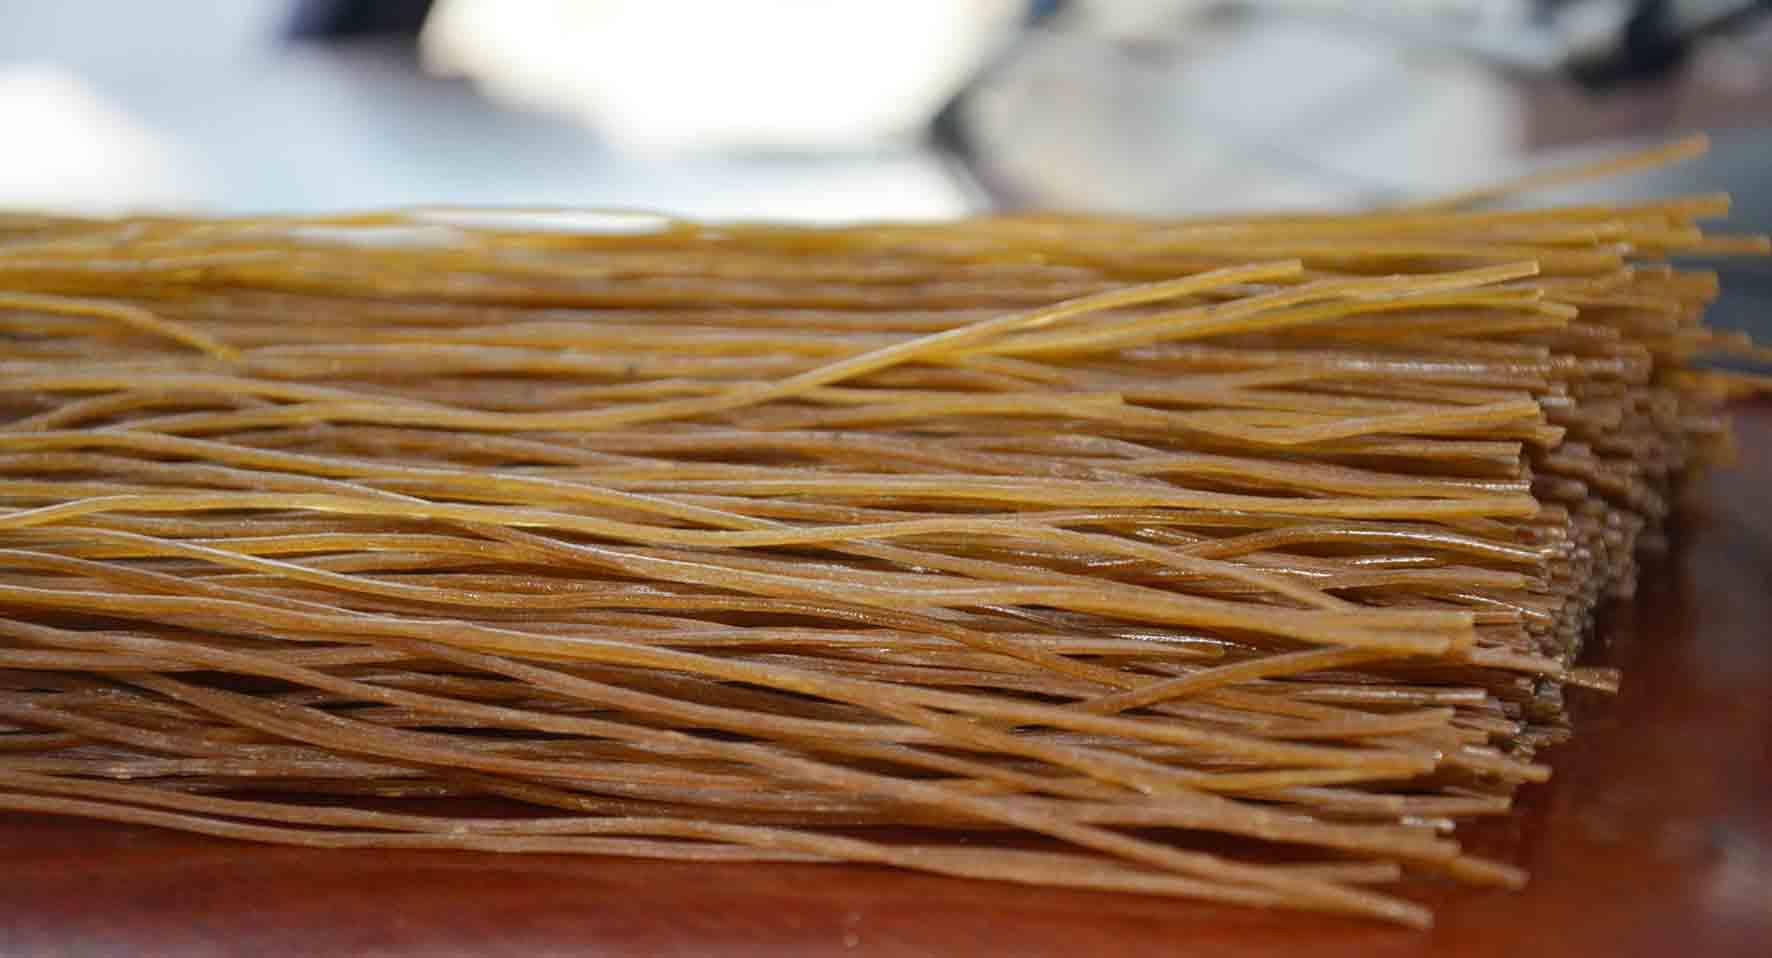 纯野生橡子粉丝 橡子粉条